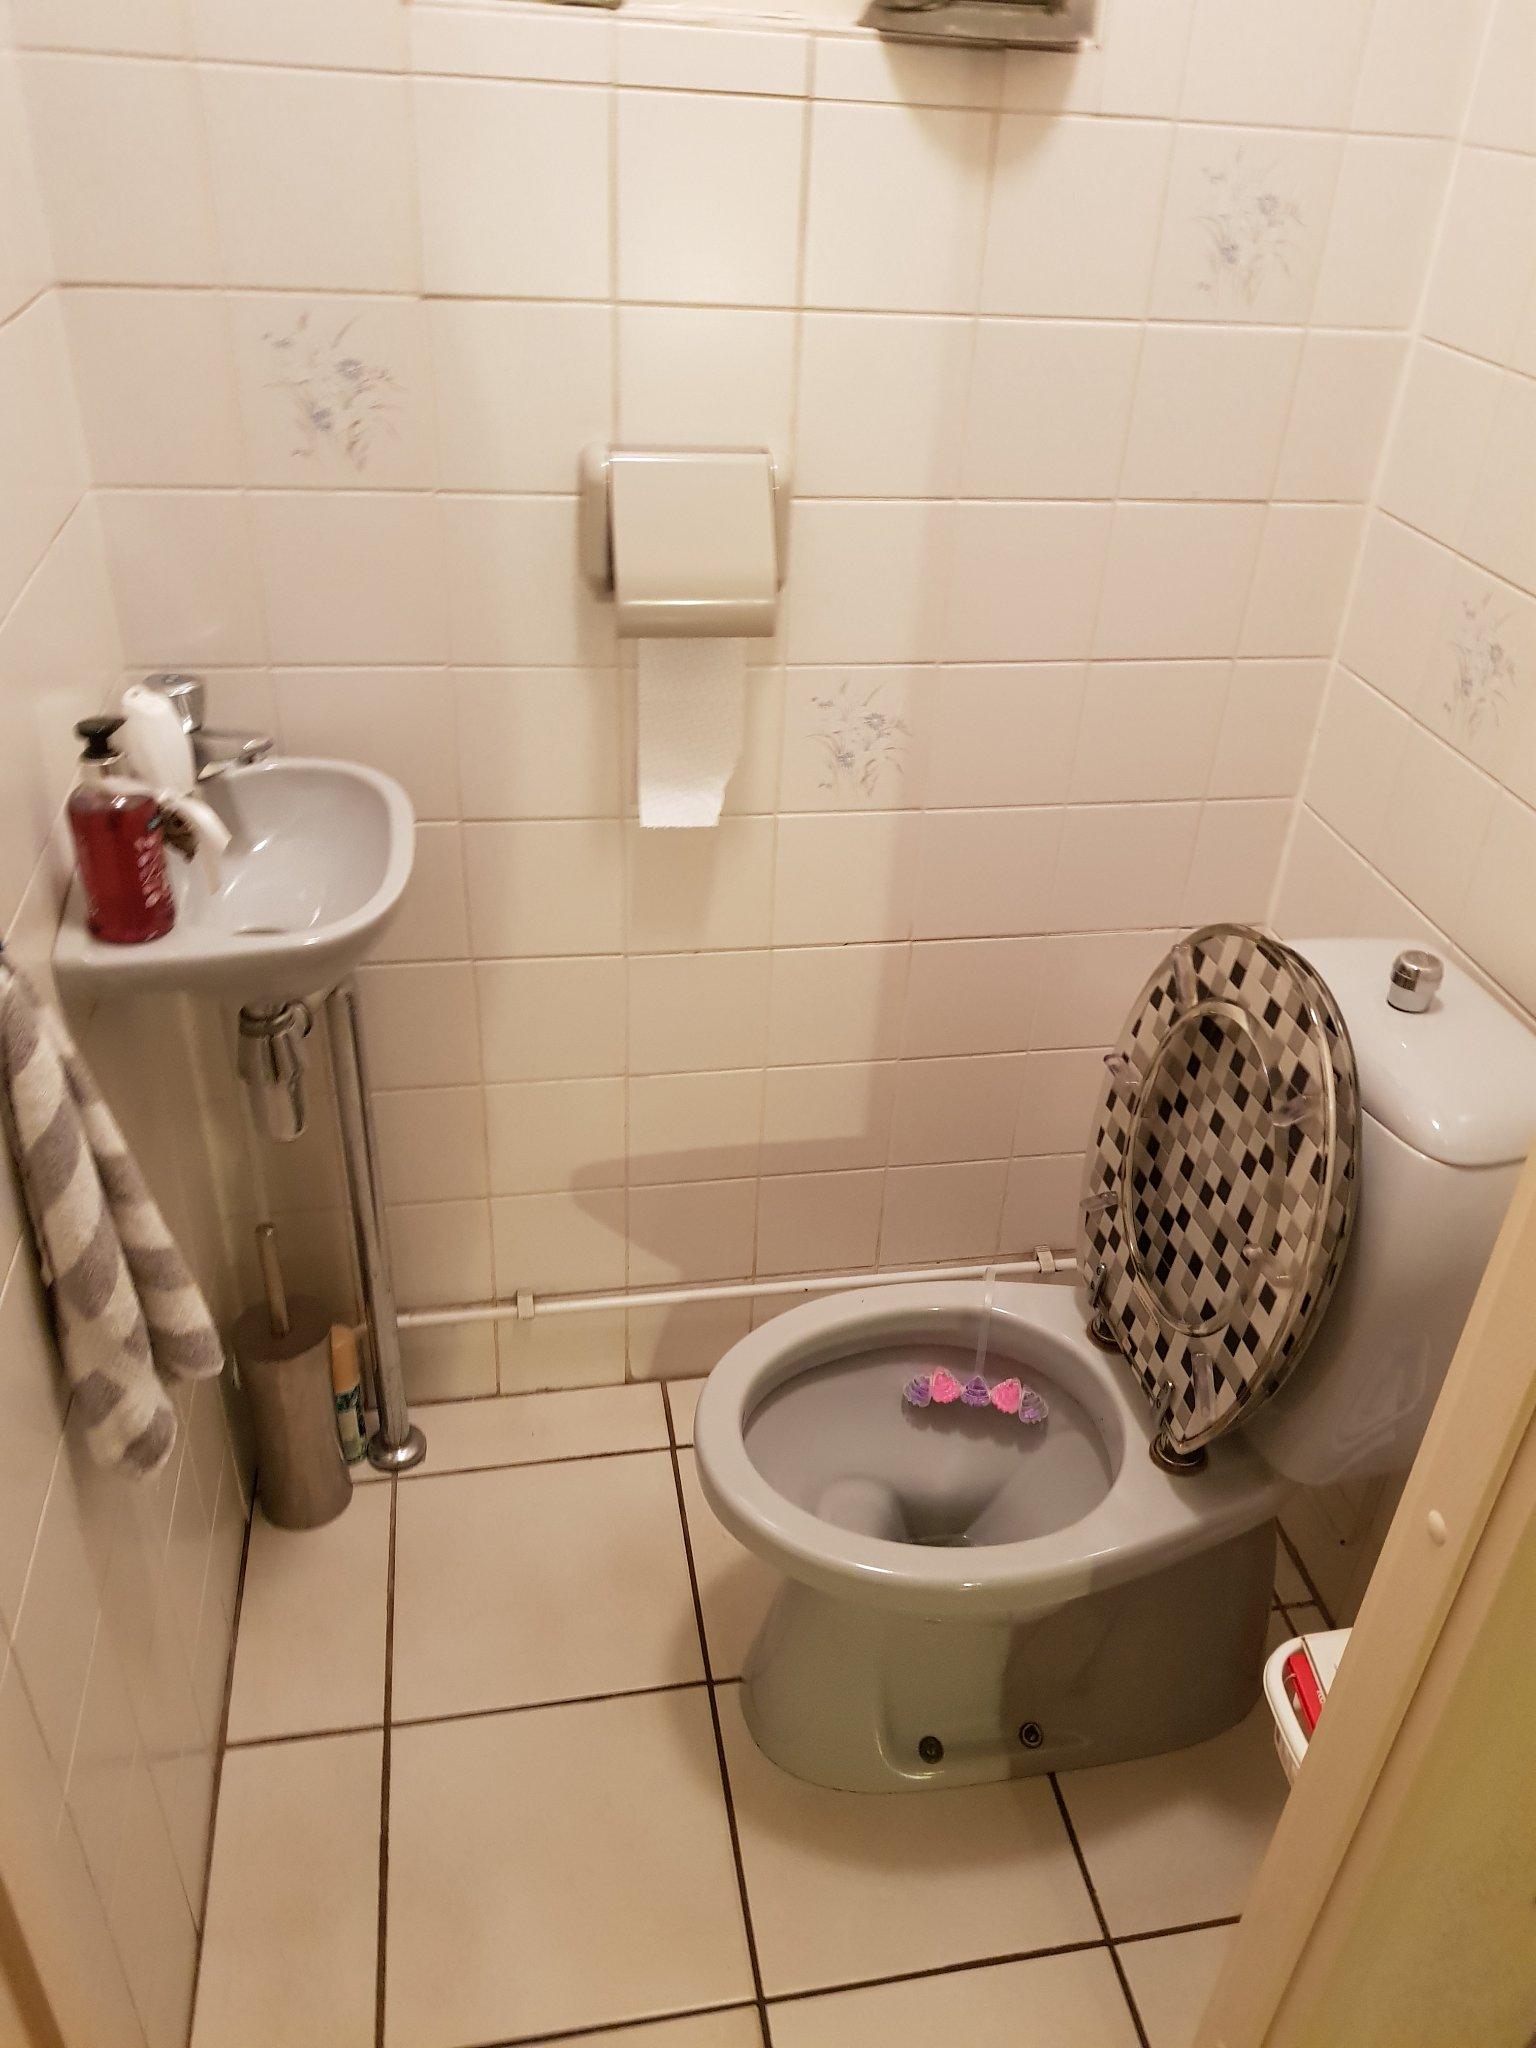 Bekend Staand toilet (afvoer in de grond) vervangen door hangend toilet ID67